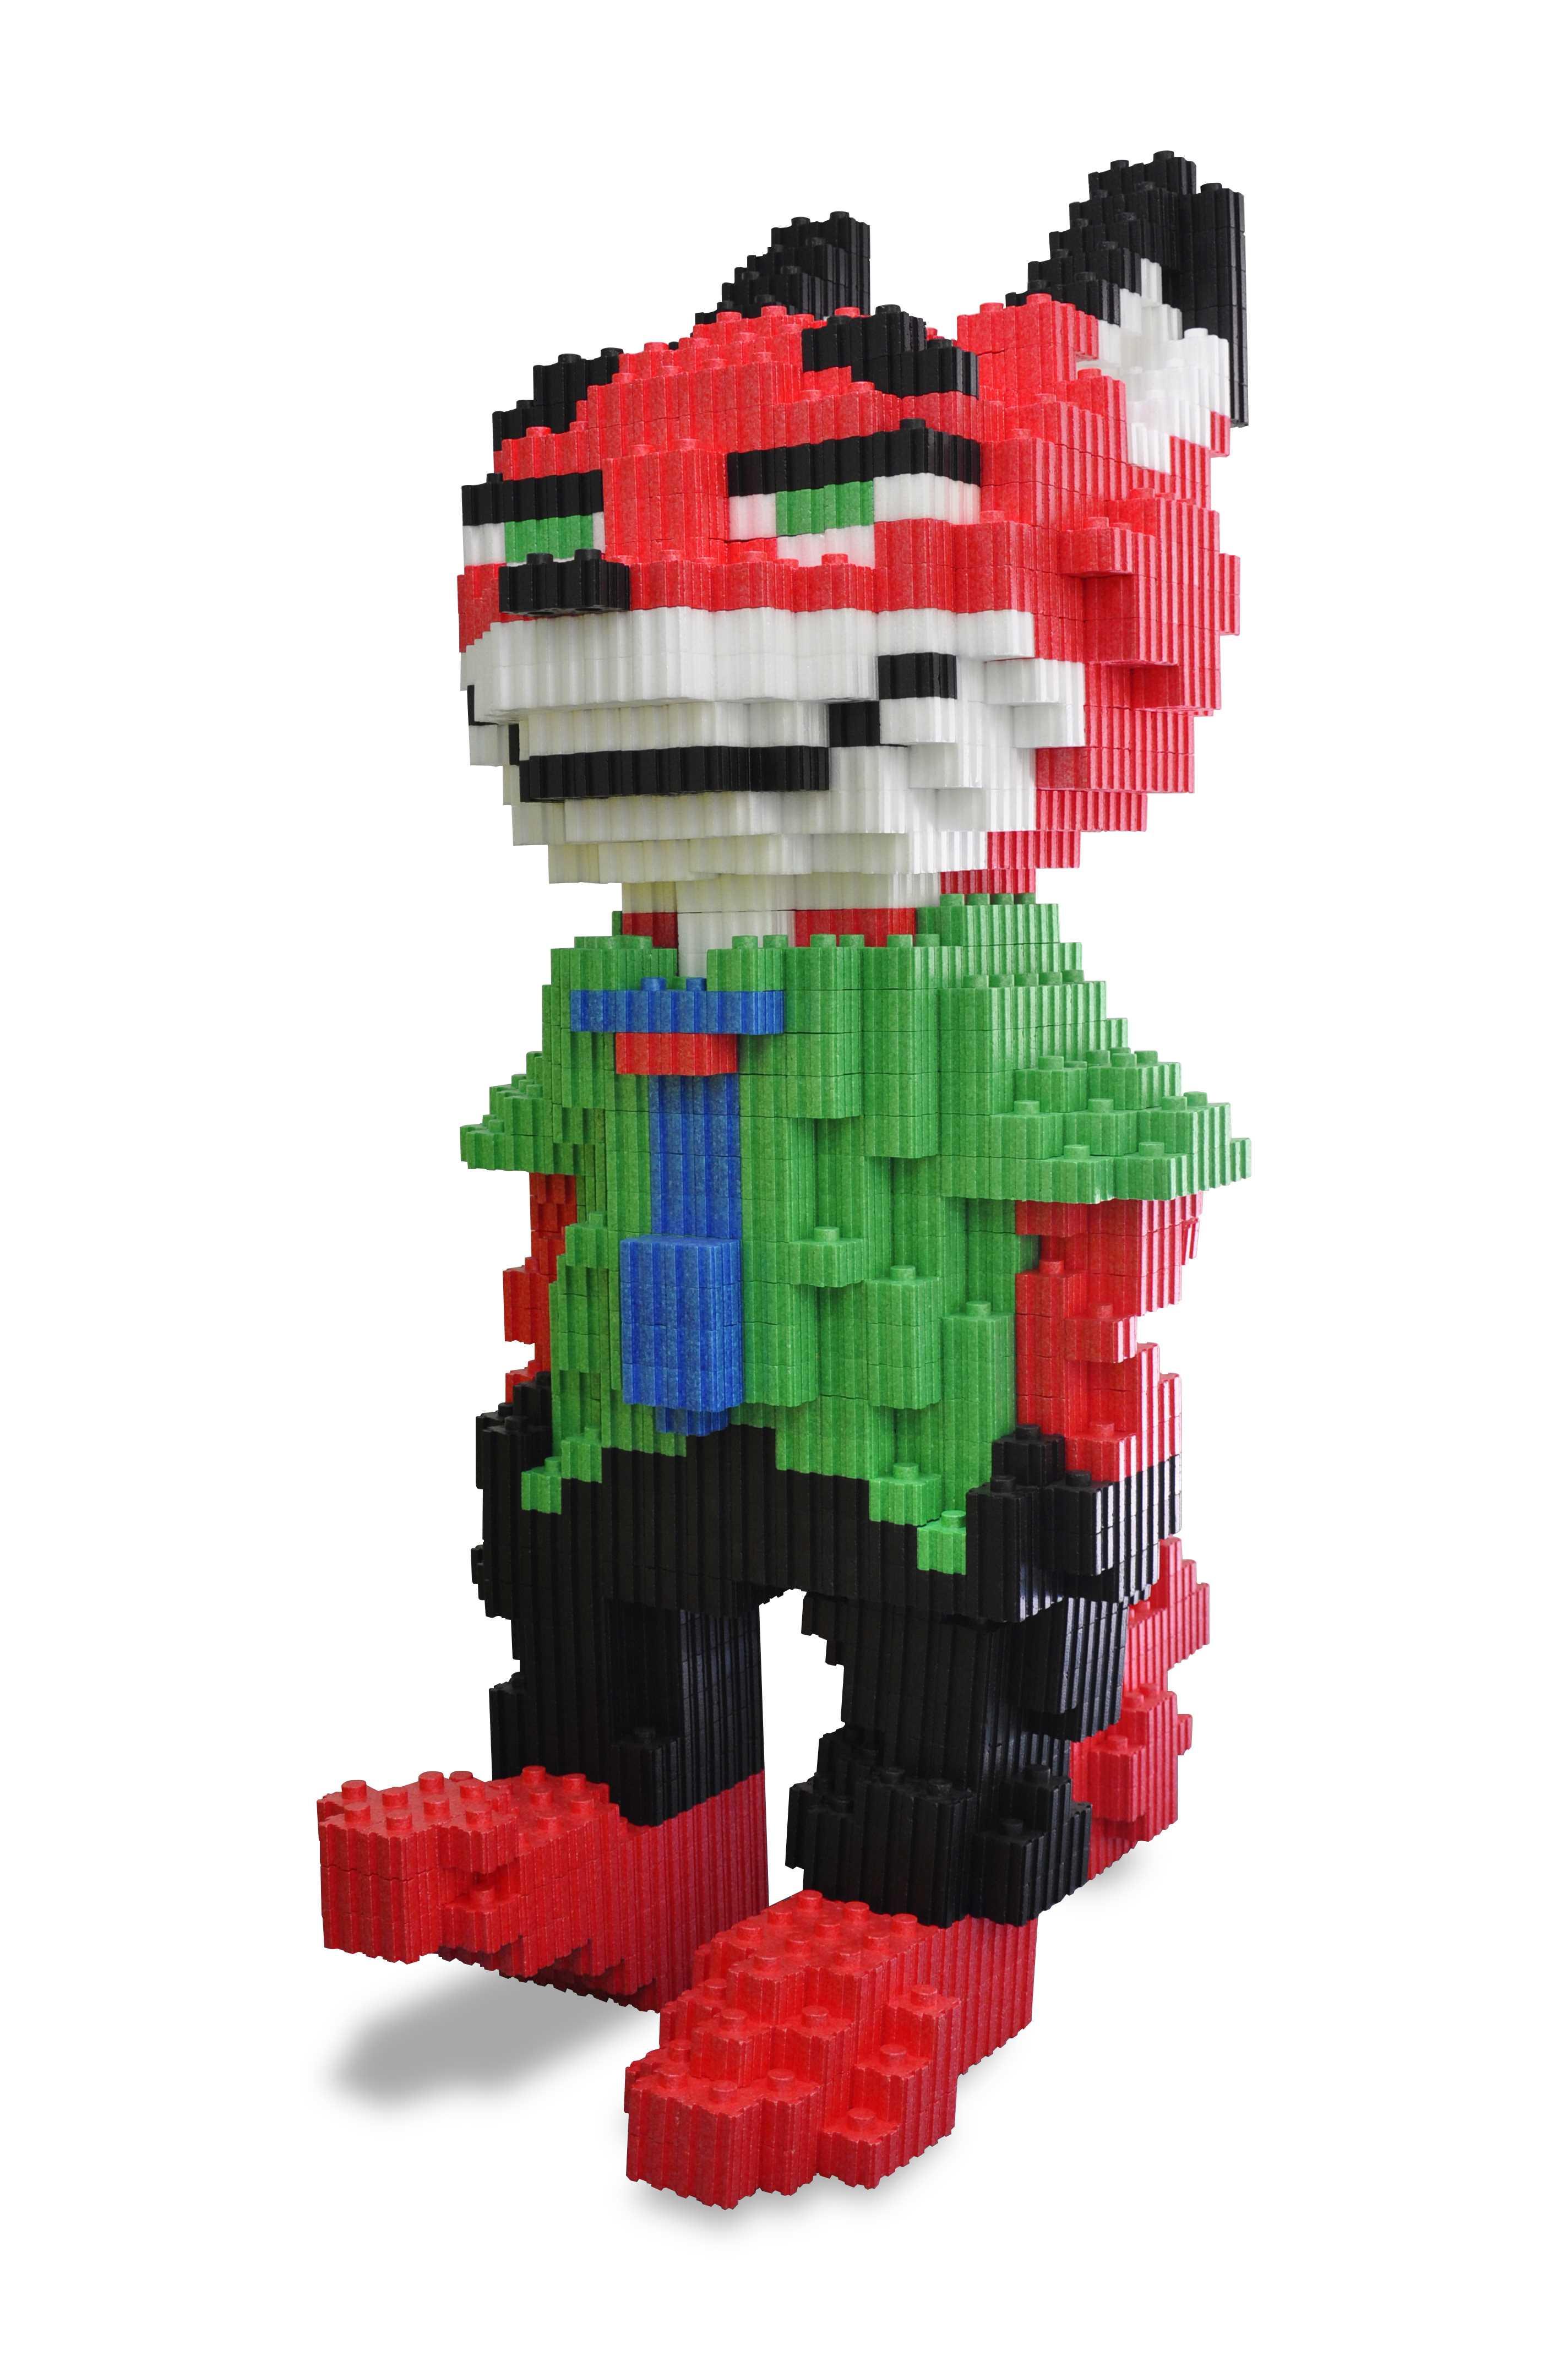 玩具-9狐貍積木